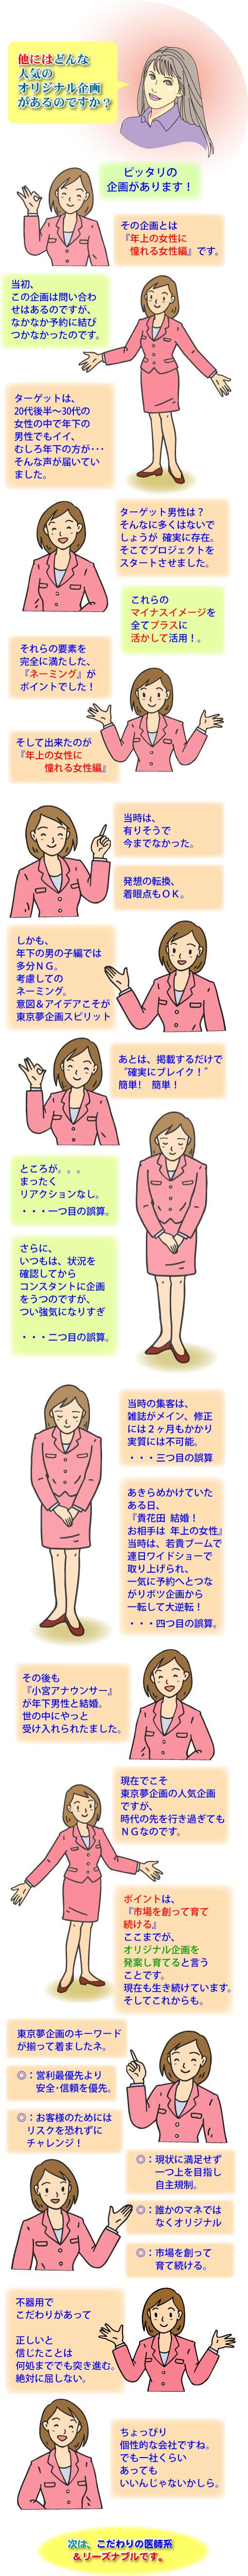 支持される理由4:オリジナル企画(年上の女性に憧れる男性編)エピソード 支持される理由�@